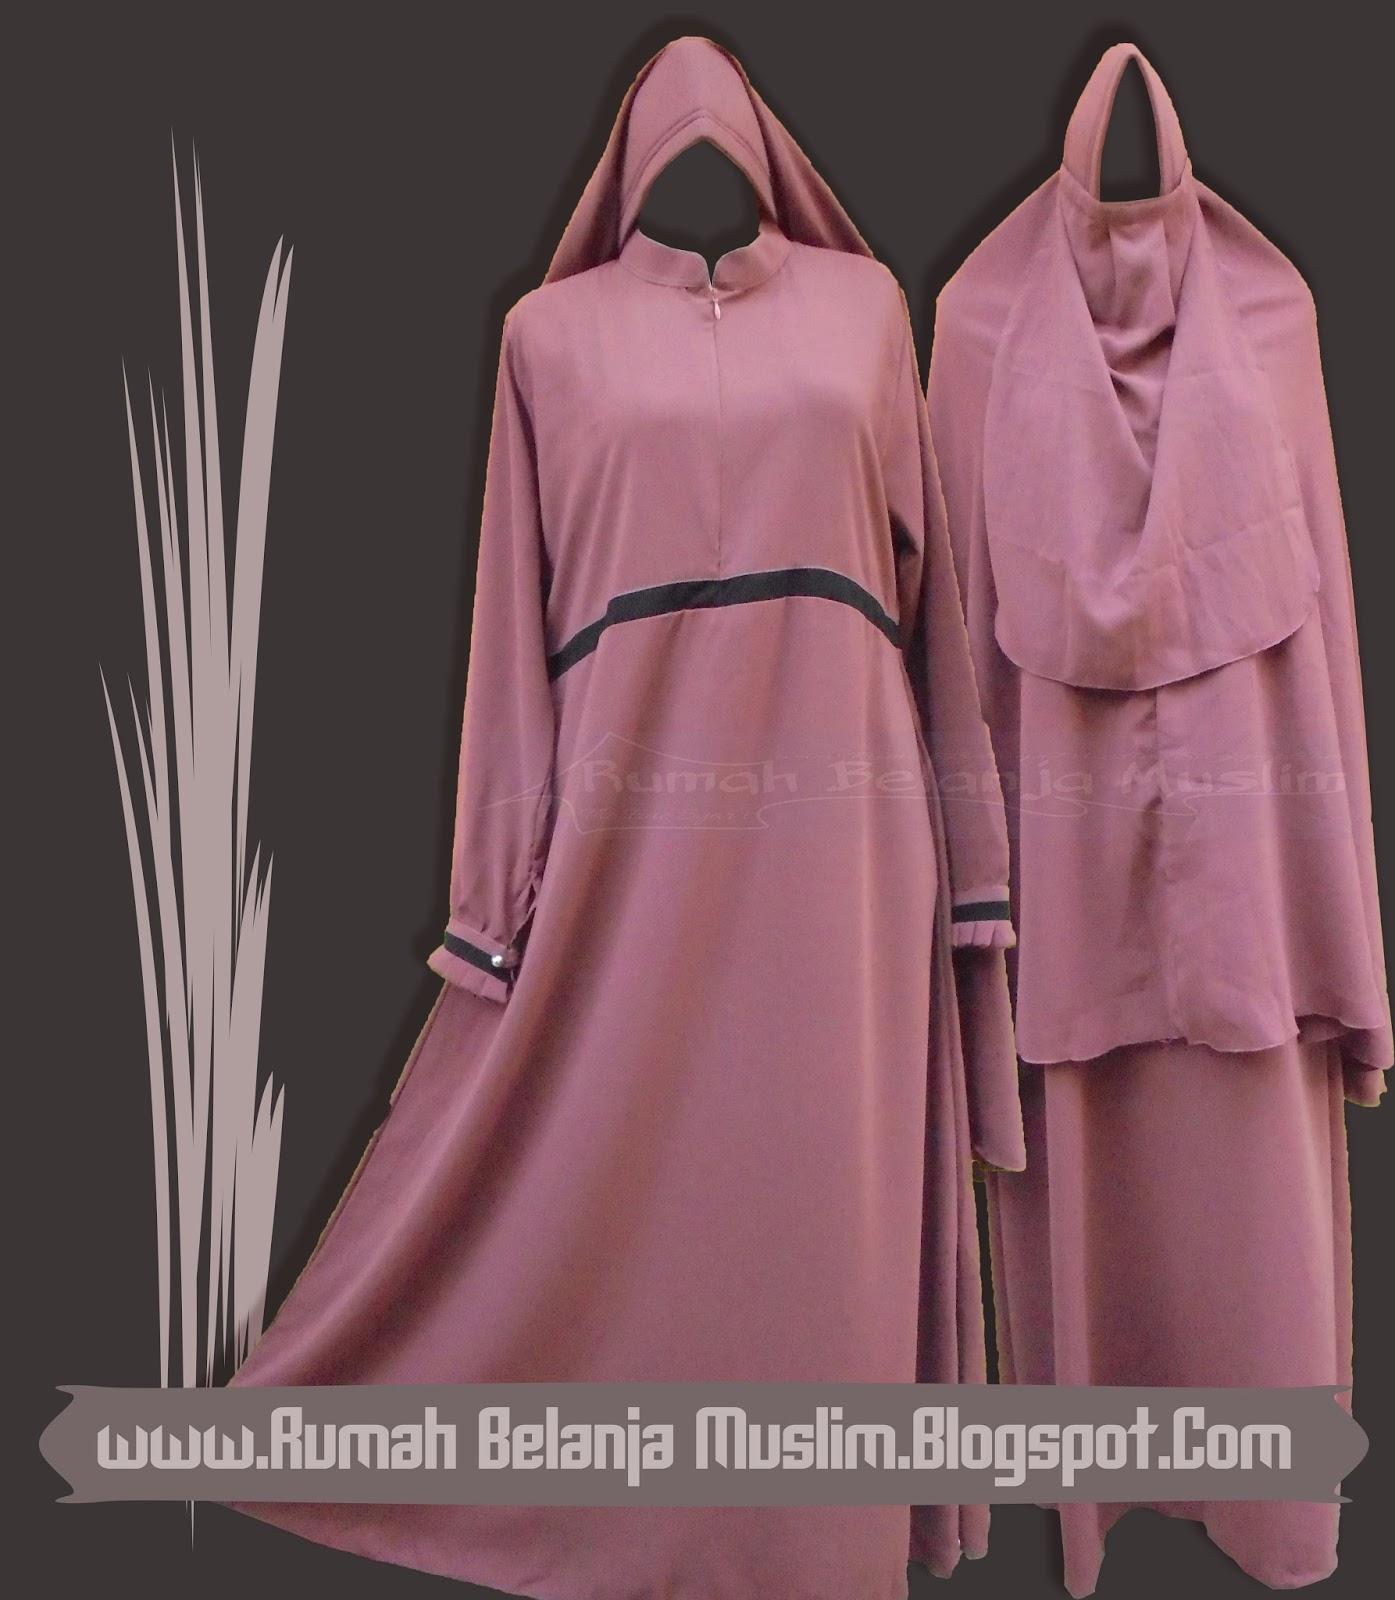 Rumah Belanja Muslim Gamis Umbrella